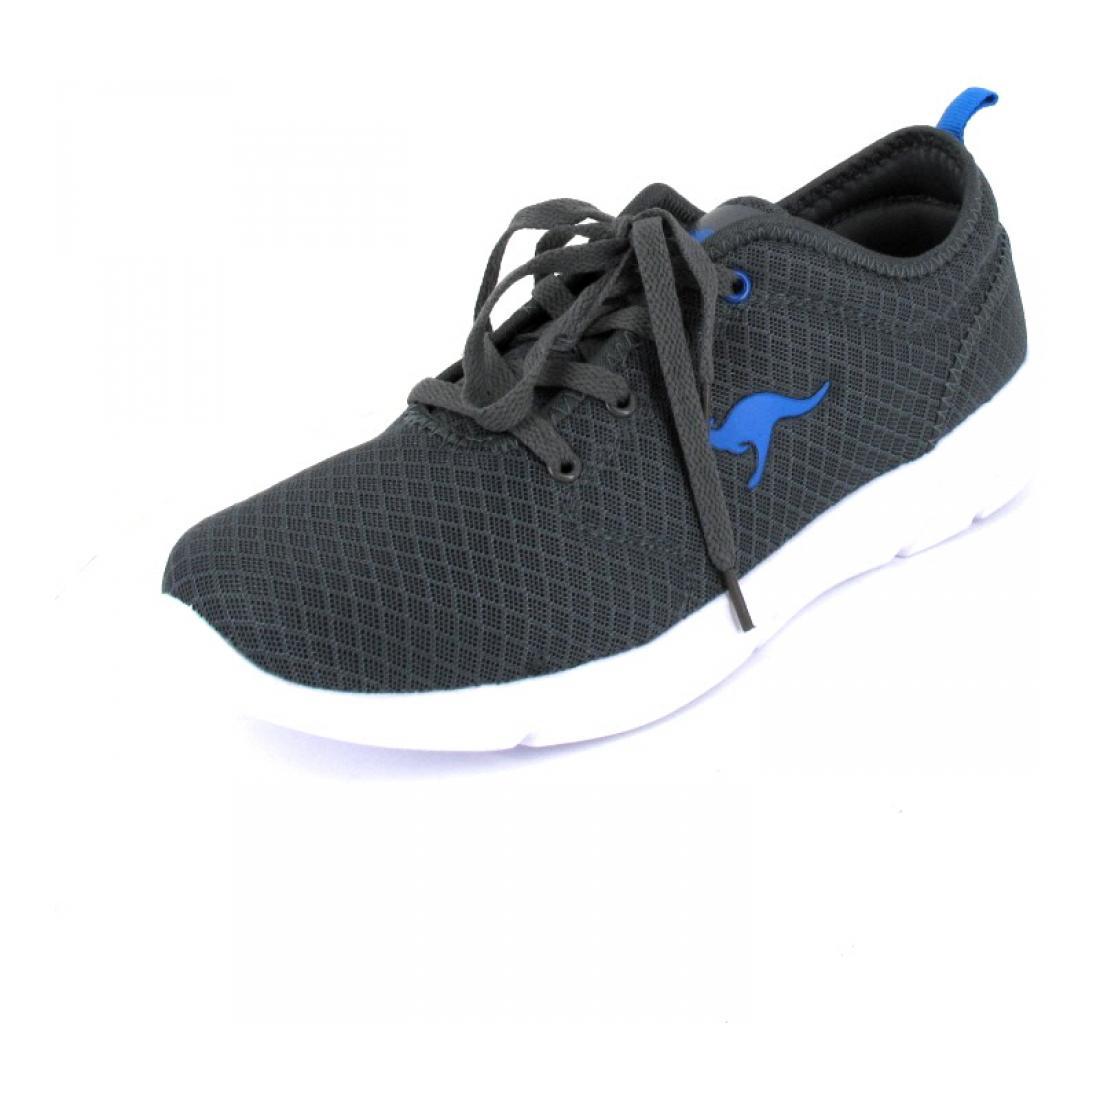 KangaRoos Sneaker SABOO